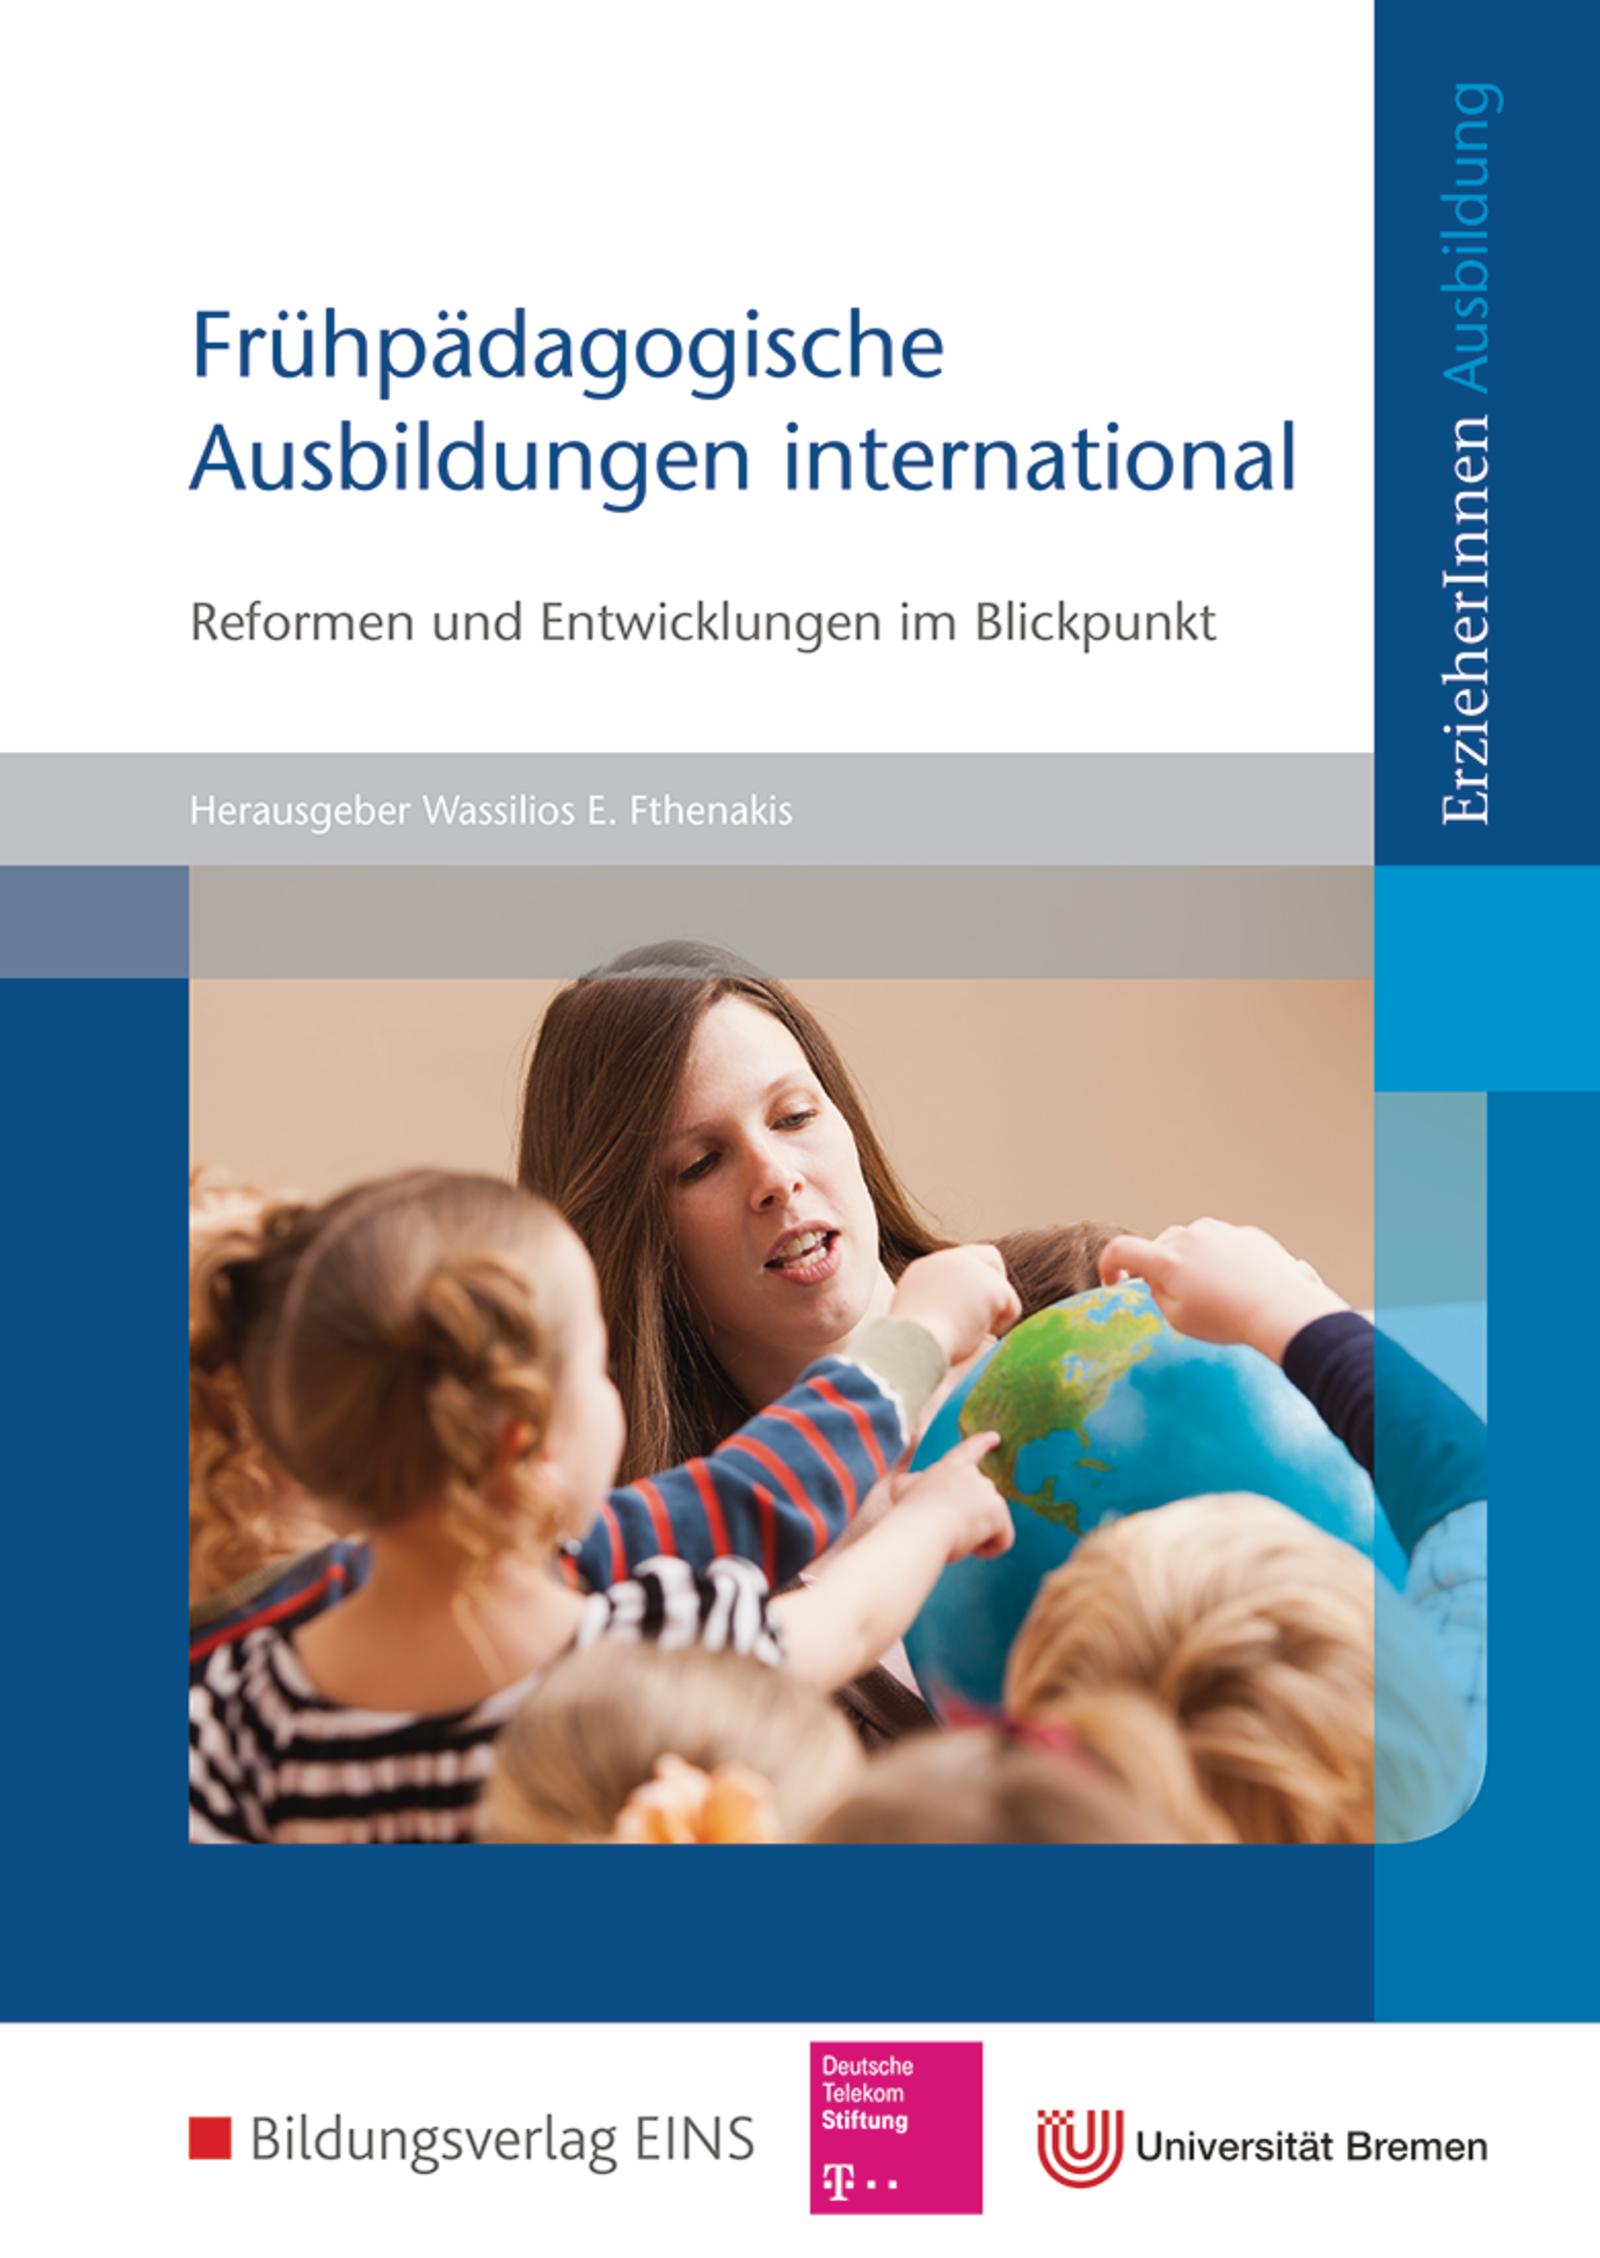 Frühpädagogische Ausbildungen international Wassilios Fthenakis 9783427127314